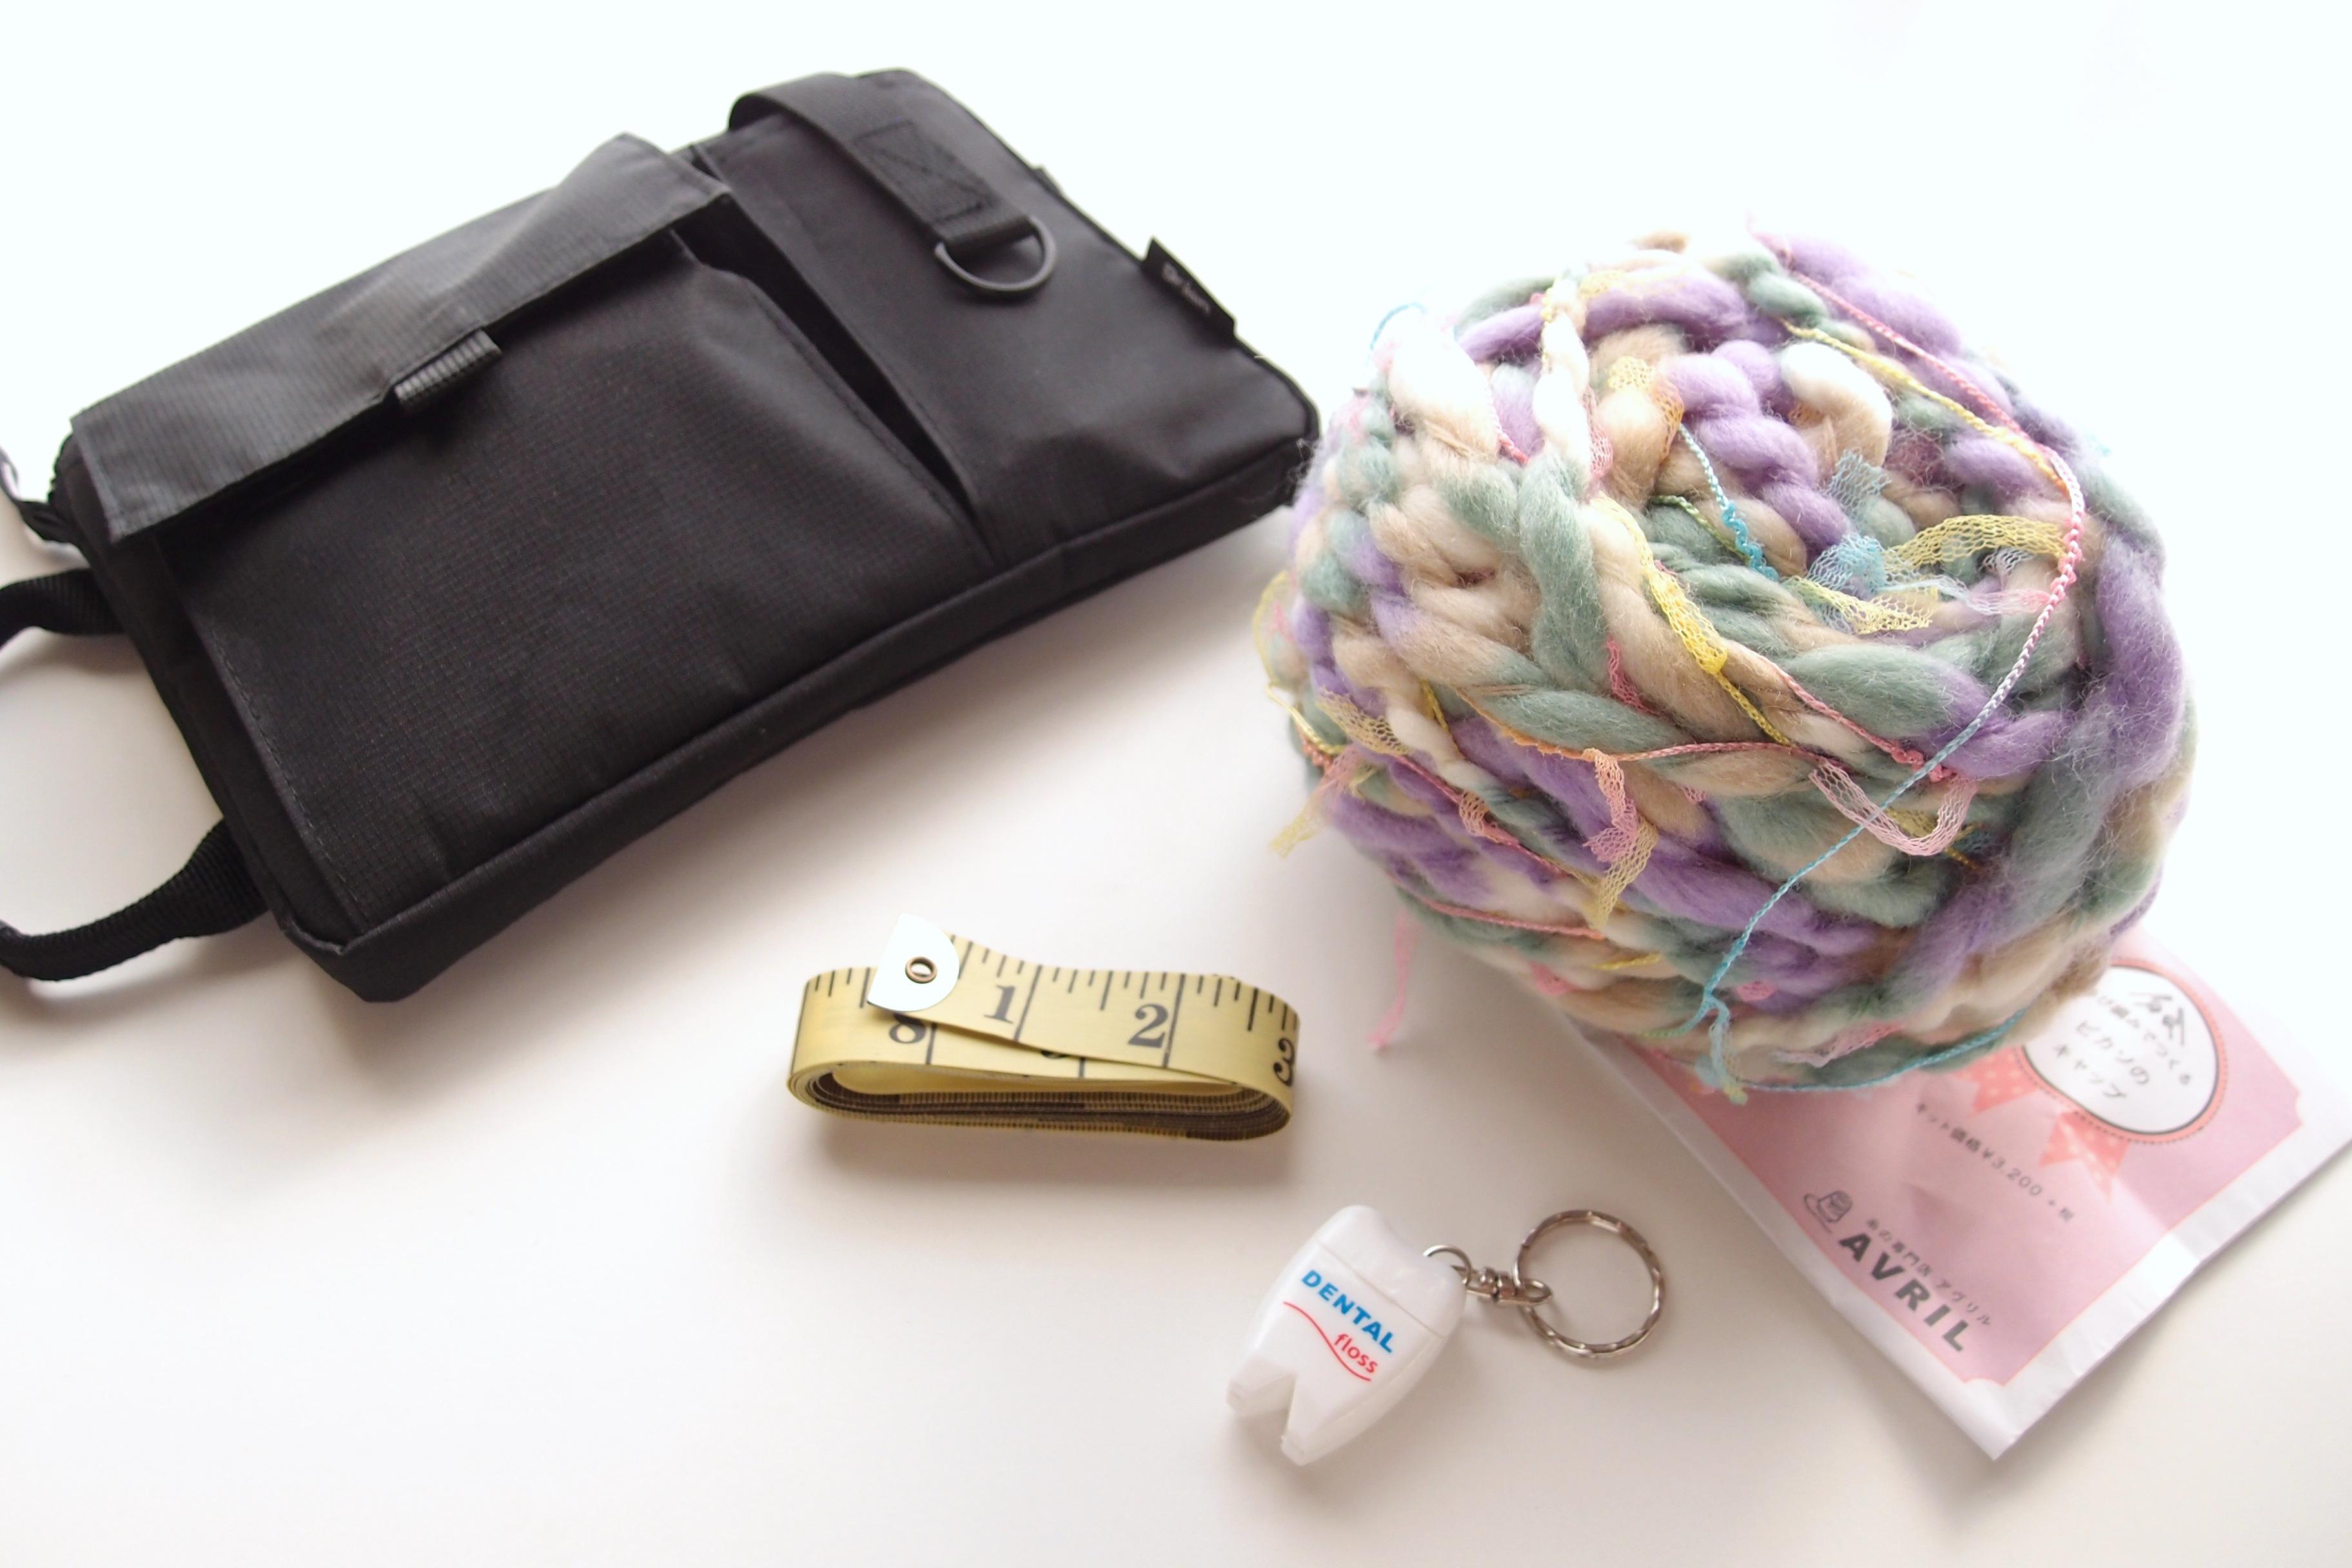 イギリスに持っていく編み物道具。いまさらですが、編み物って少ない道具でできるんですね!